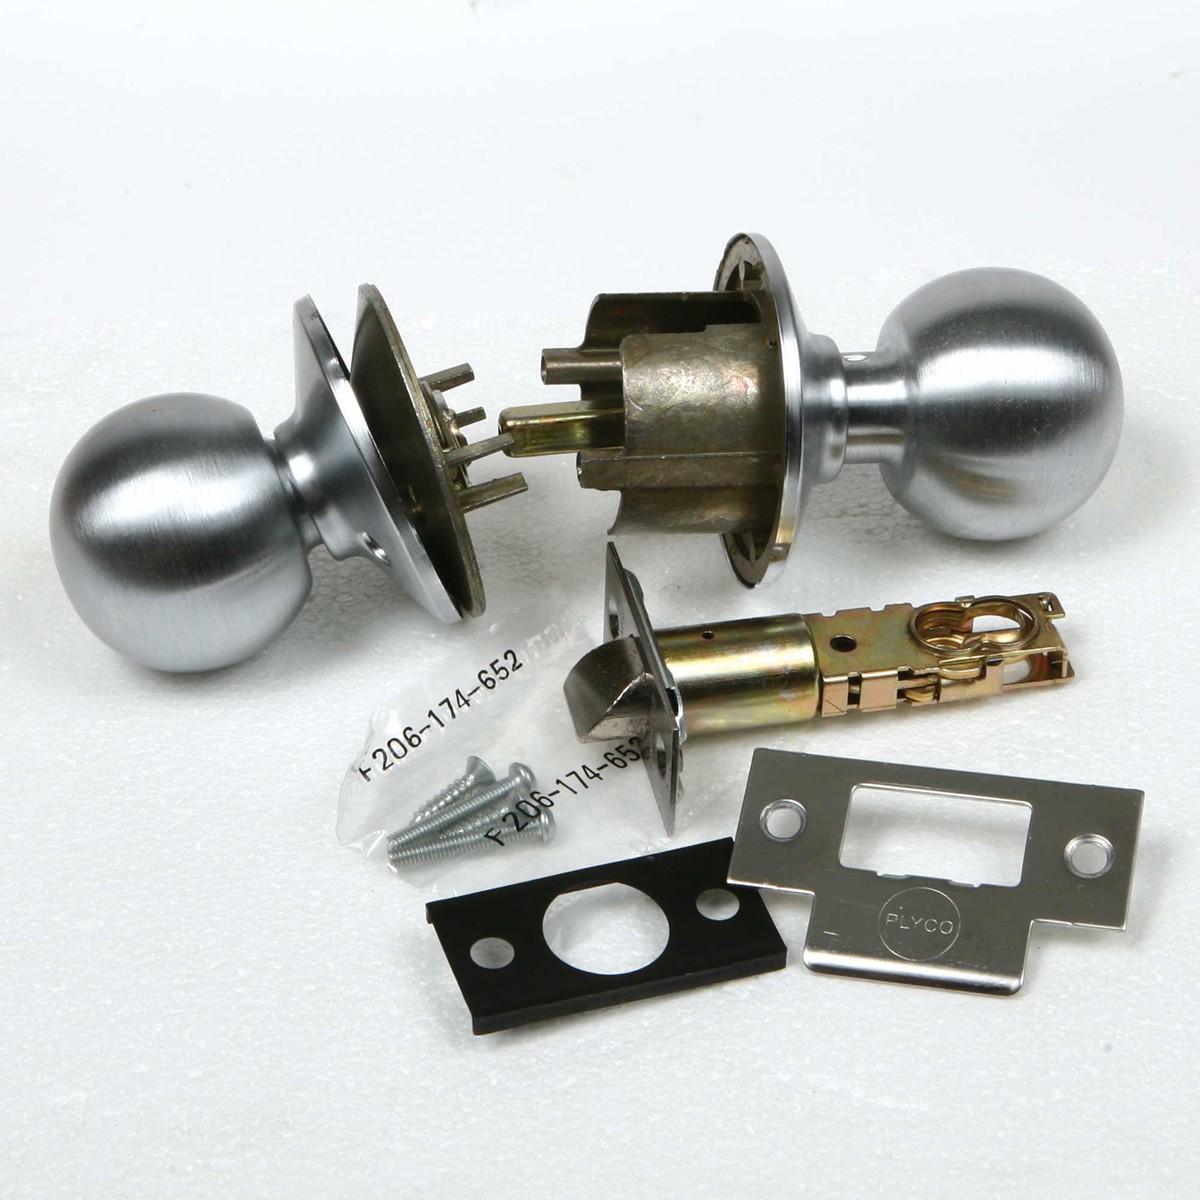 components of a door knob photo - 10